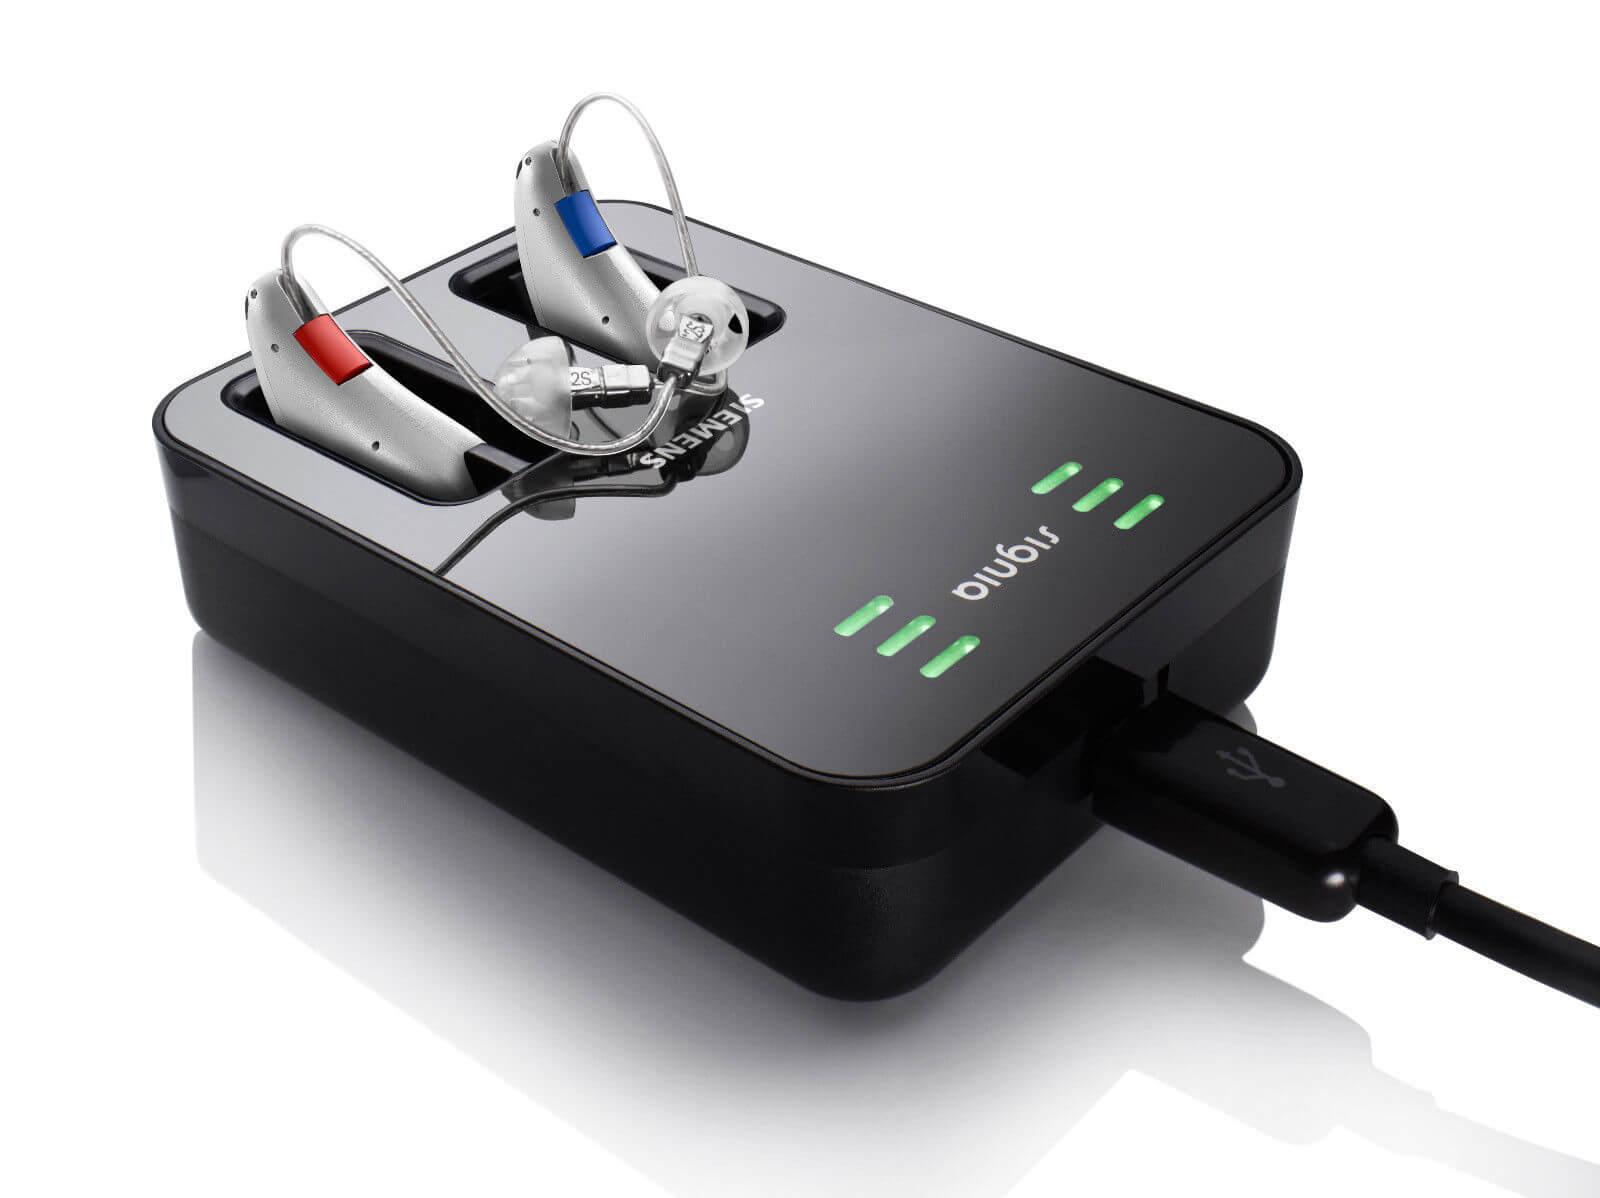 מכשיר שמיעה נטול סוללות - SIGNA Cellion